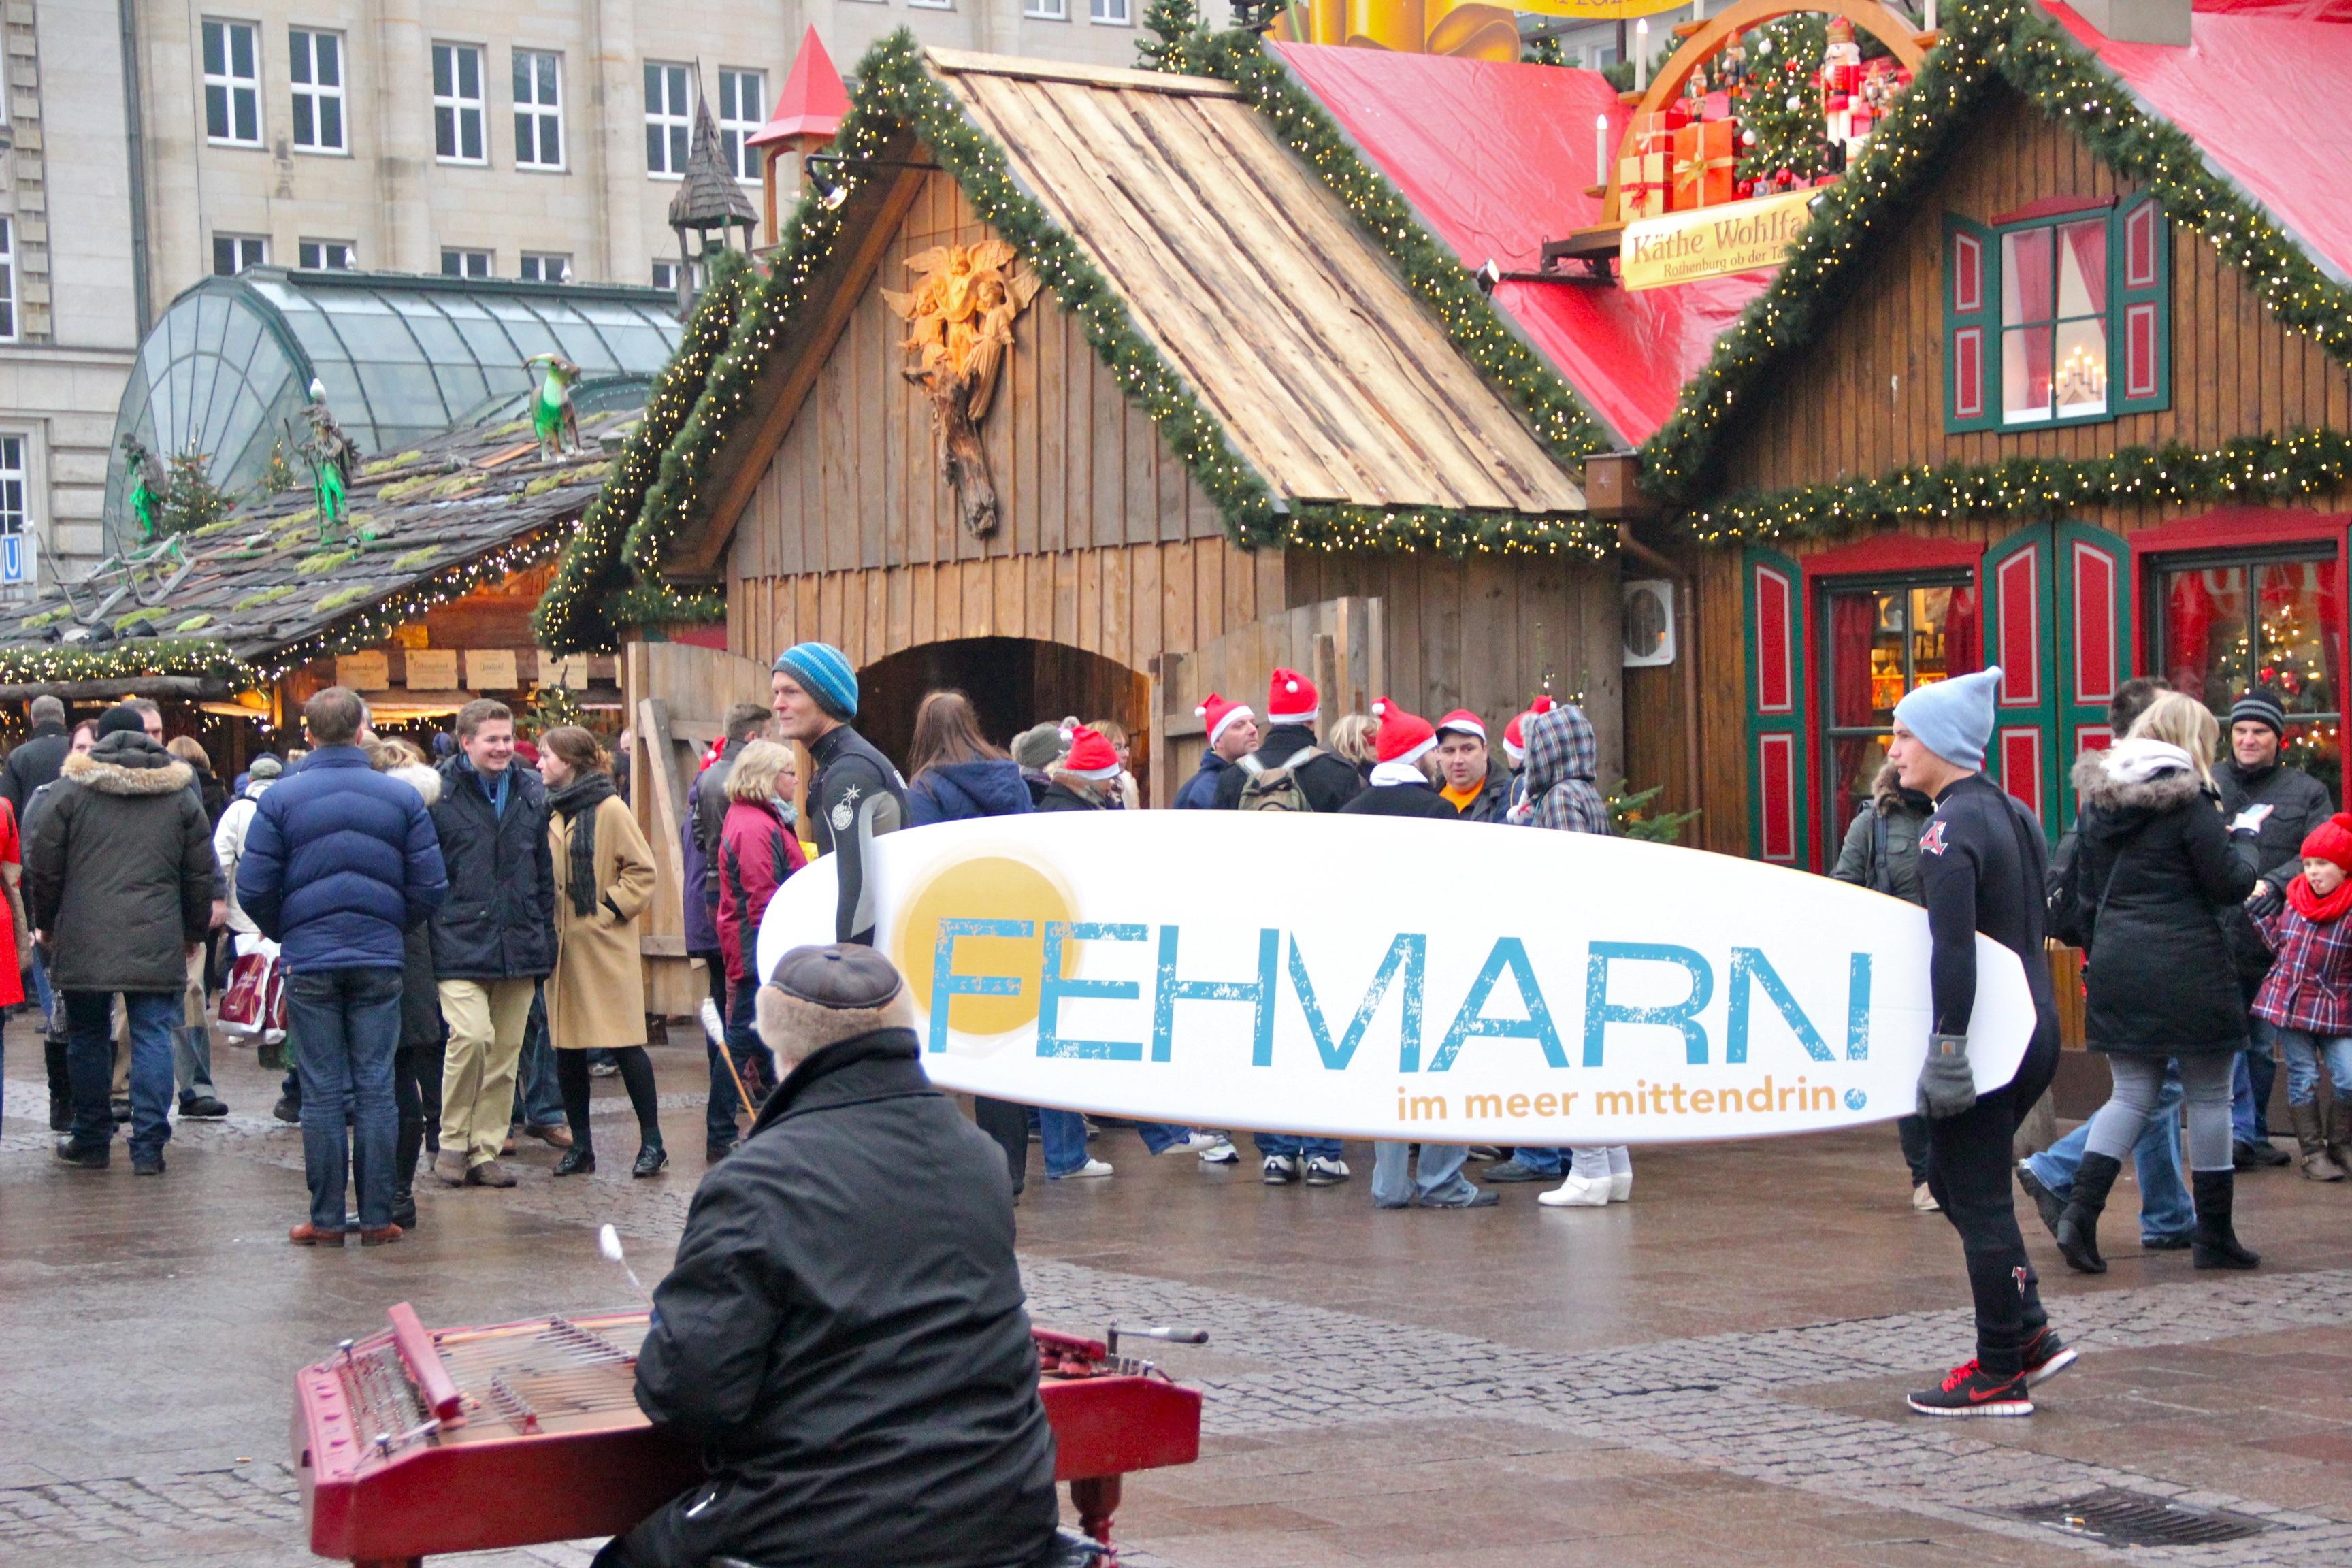 marktrausch Referenz: Fehmarn – Darstellung Live Promotion